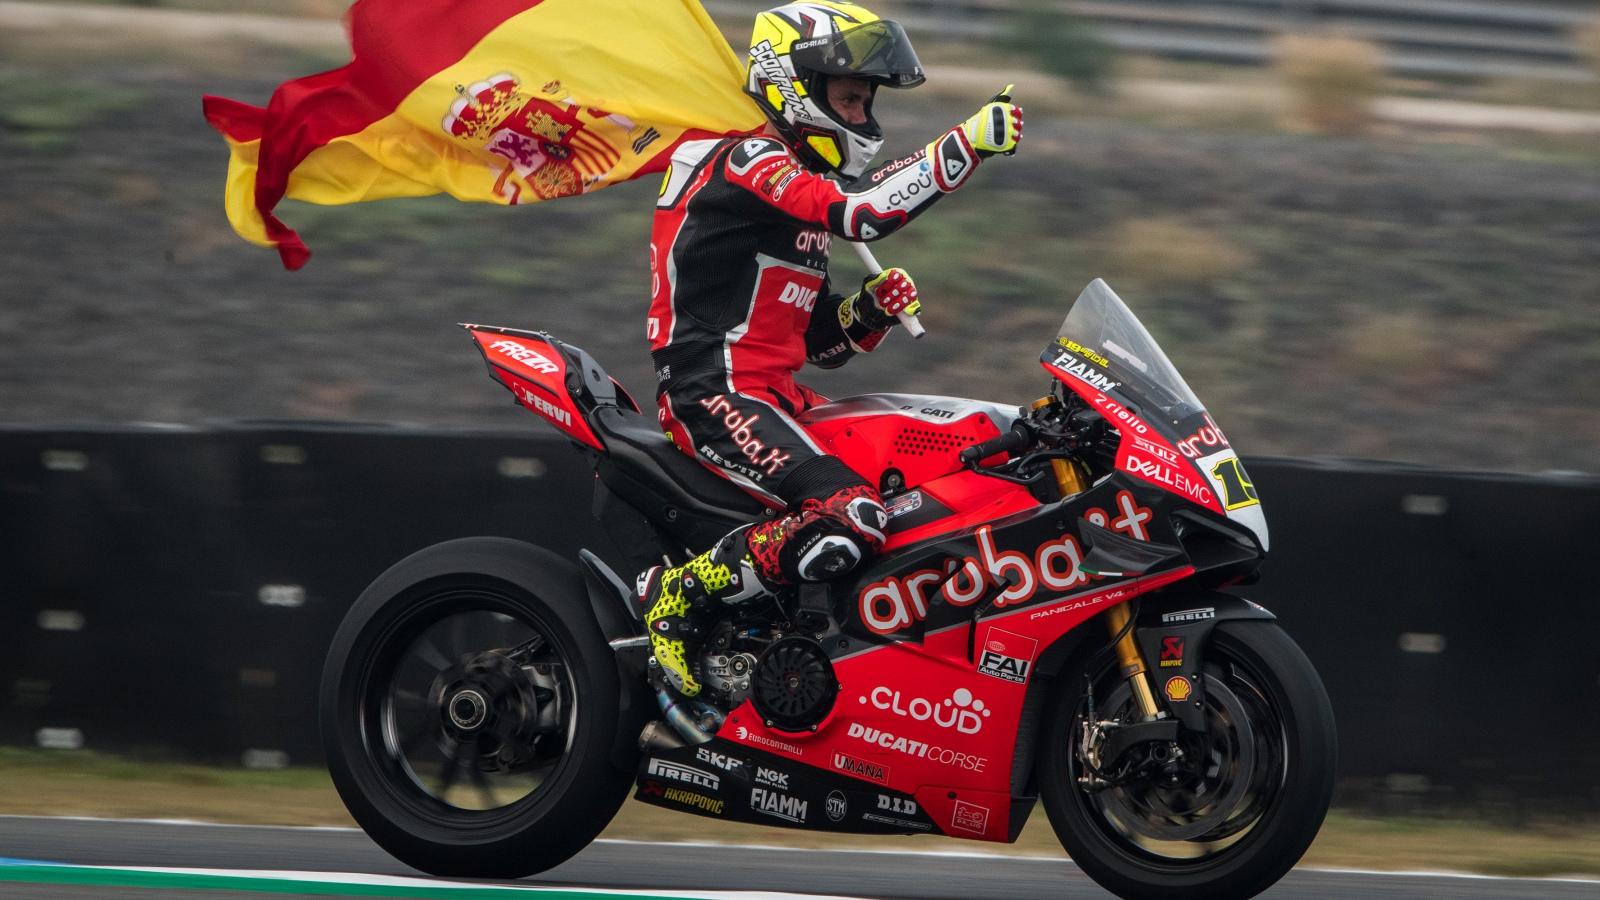 Álvaro Bautista se impone sin problemas en una carrera interrumpida